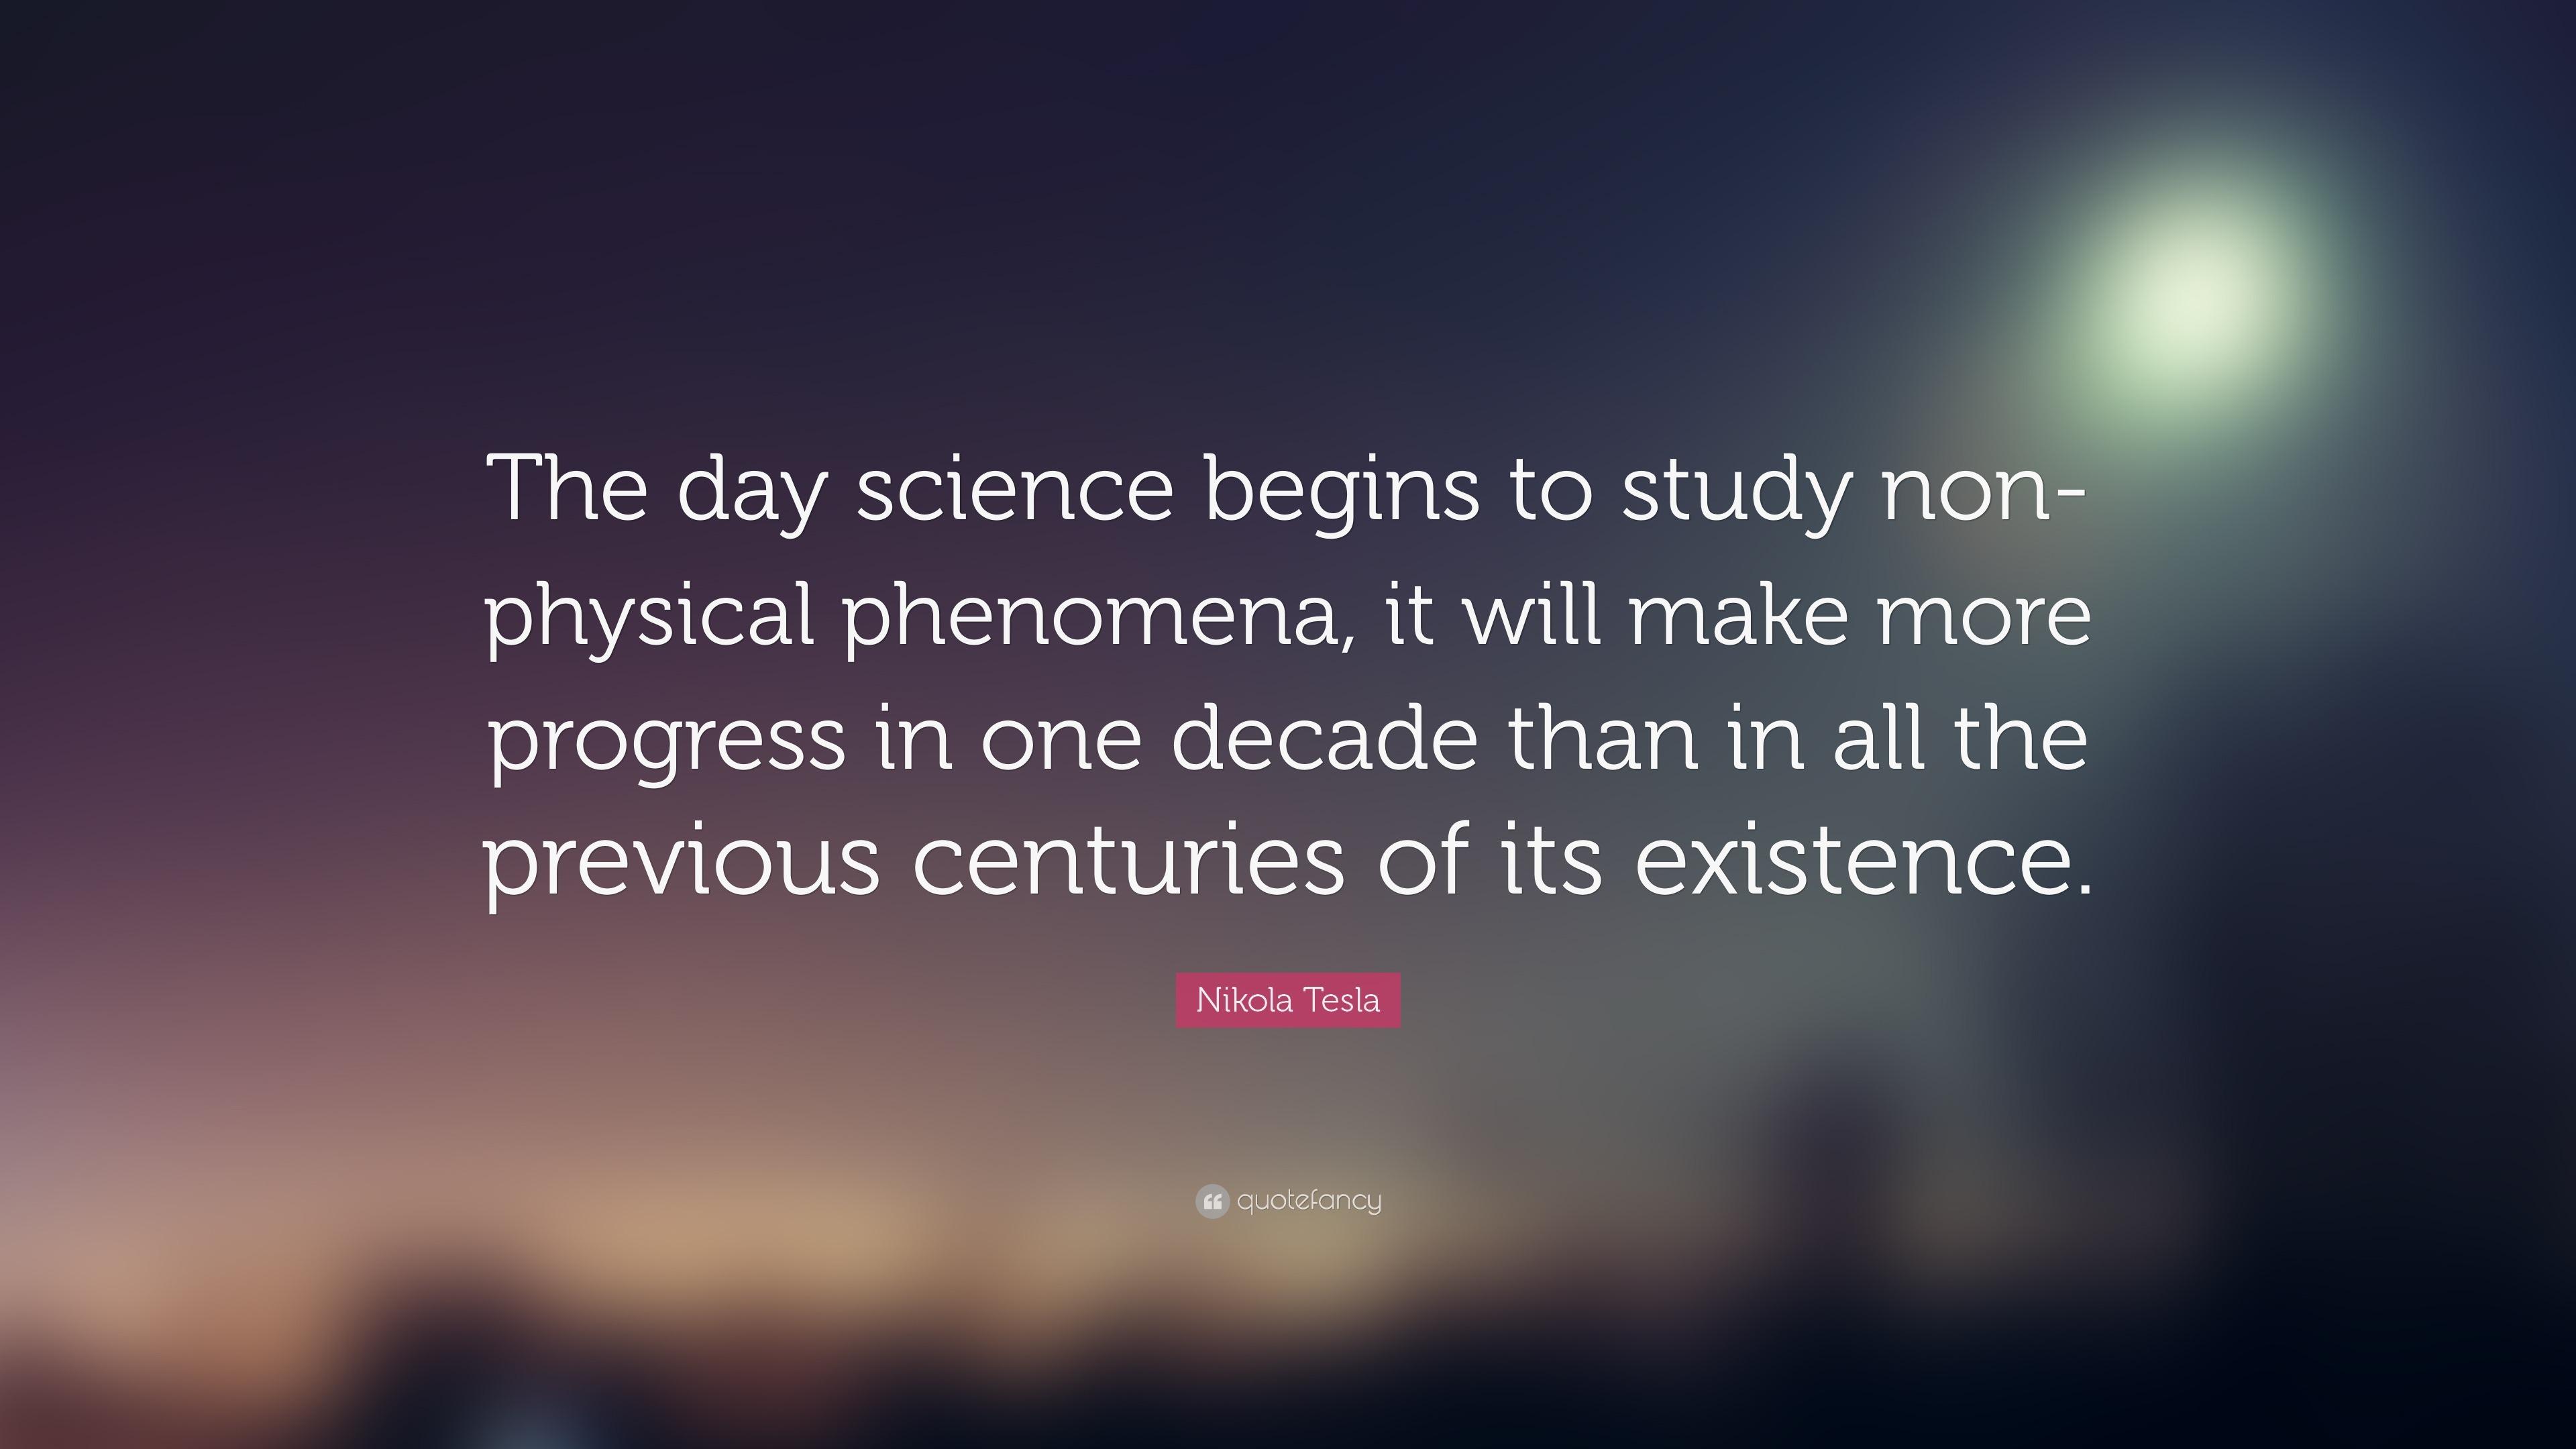 Nikola Tesla Wallpaper Quote Nikola Tesla Quote The Day Science Begins To Study Non